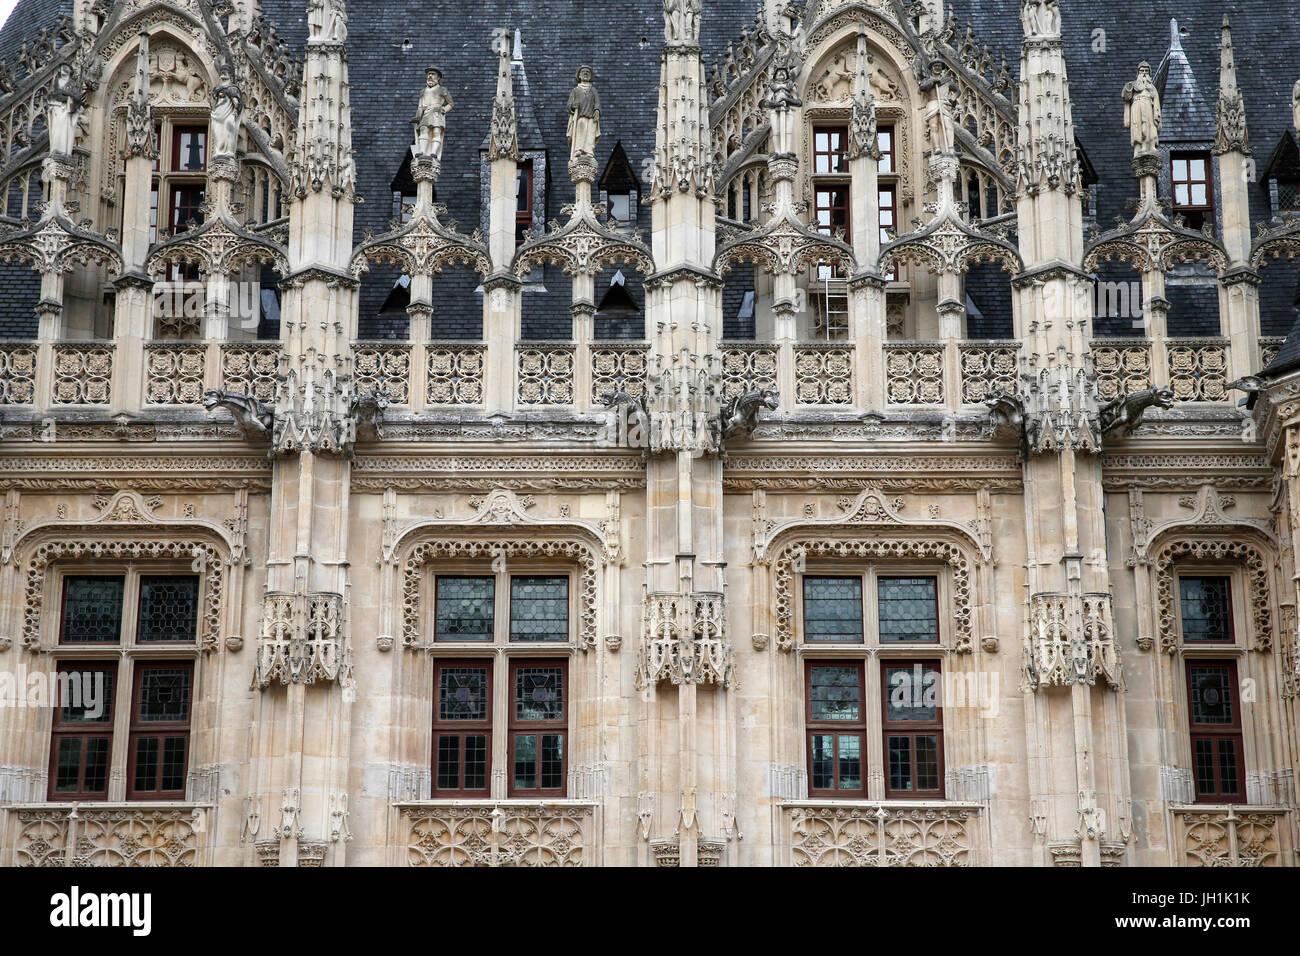 Palais de Justice, Rouen. France. - Stock Image